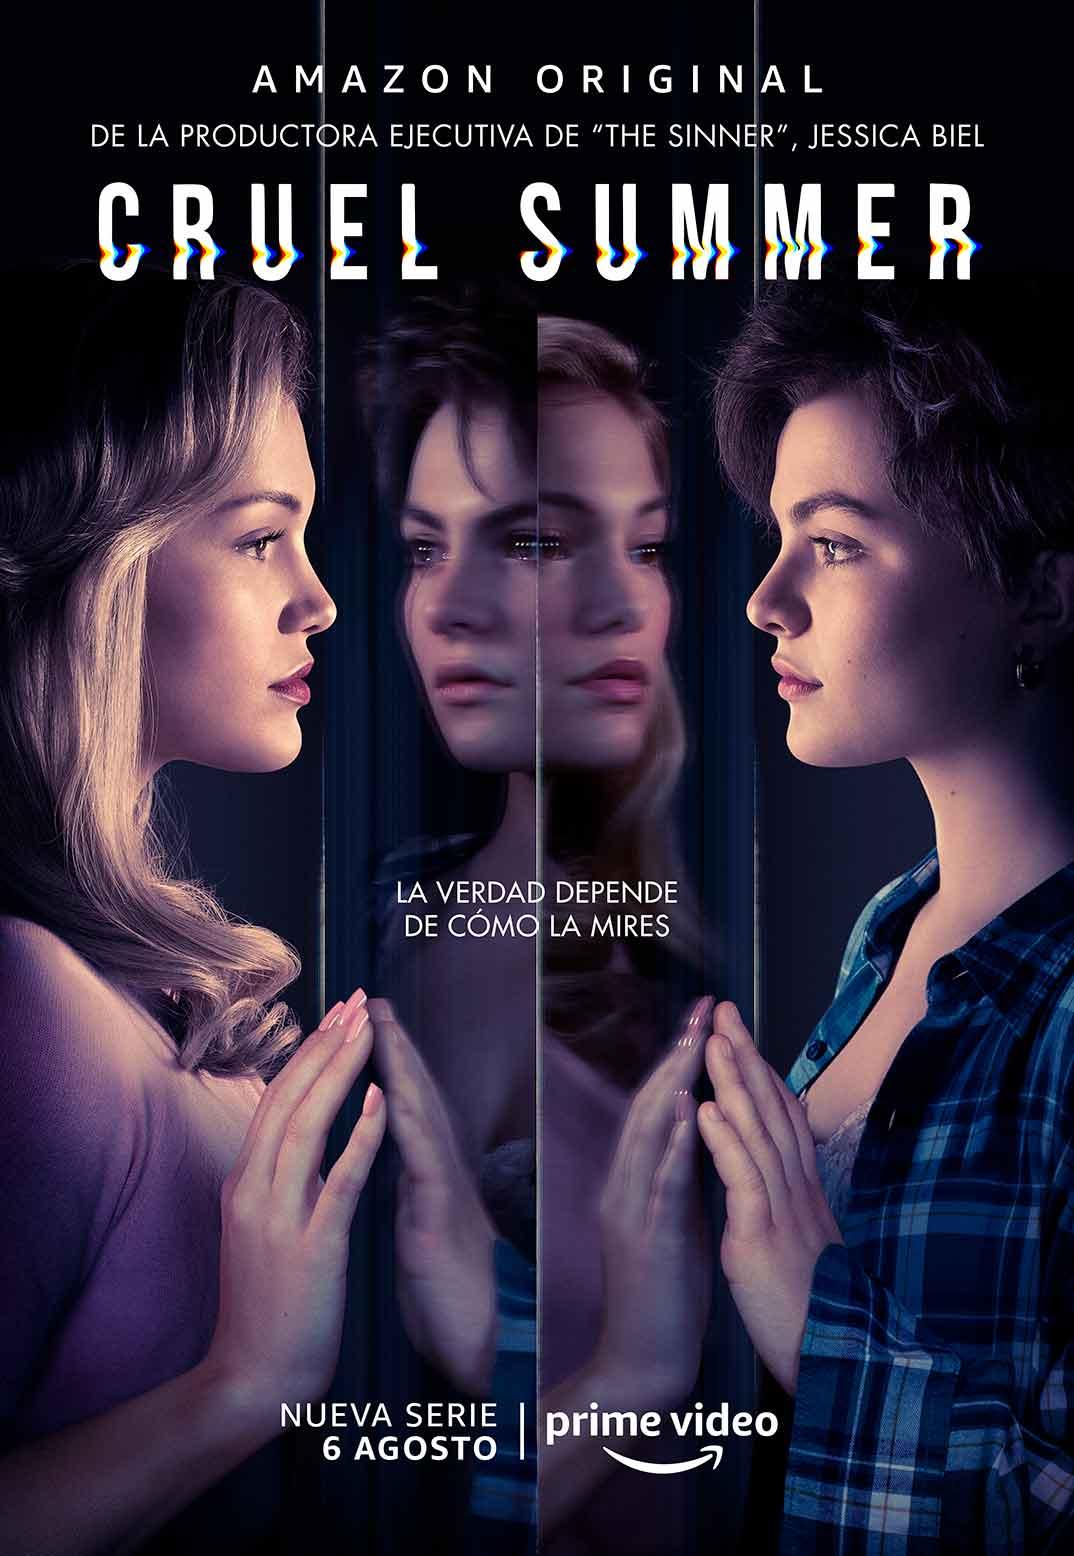 Cruel Summer © Amazon Prime Video